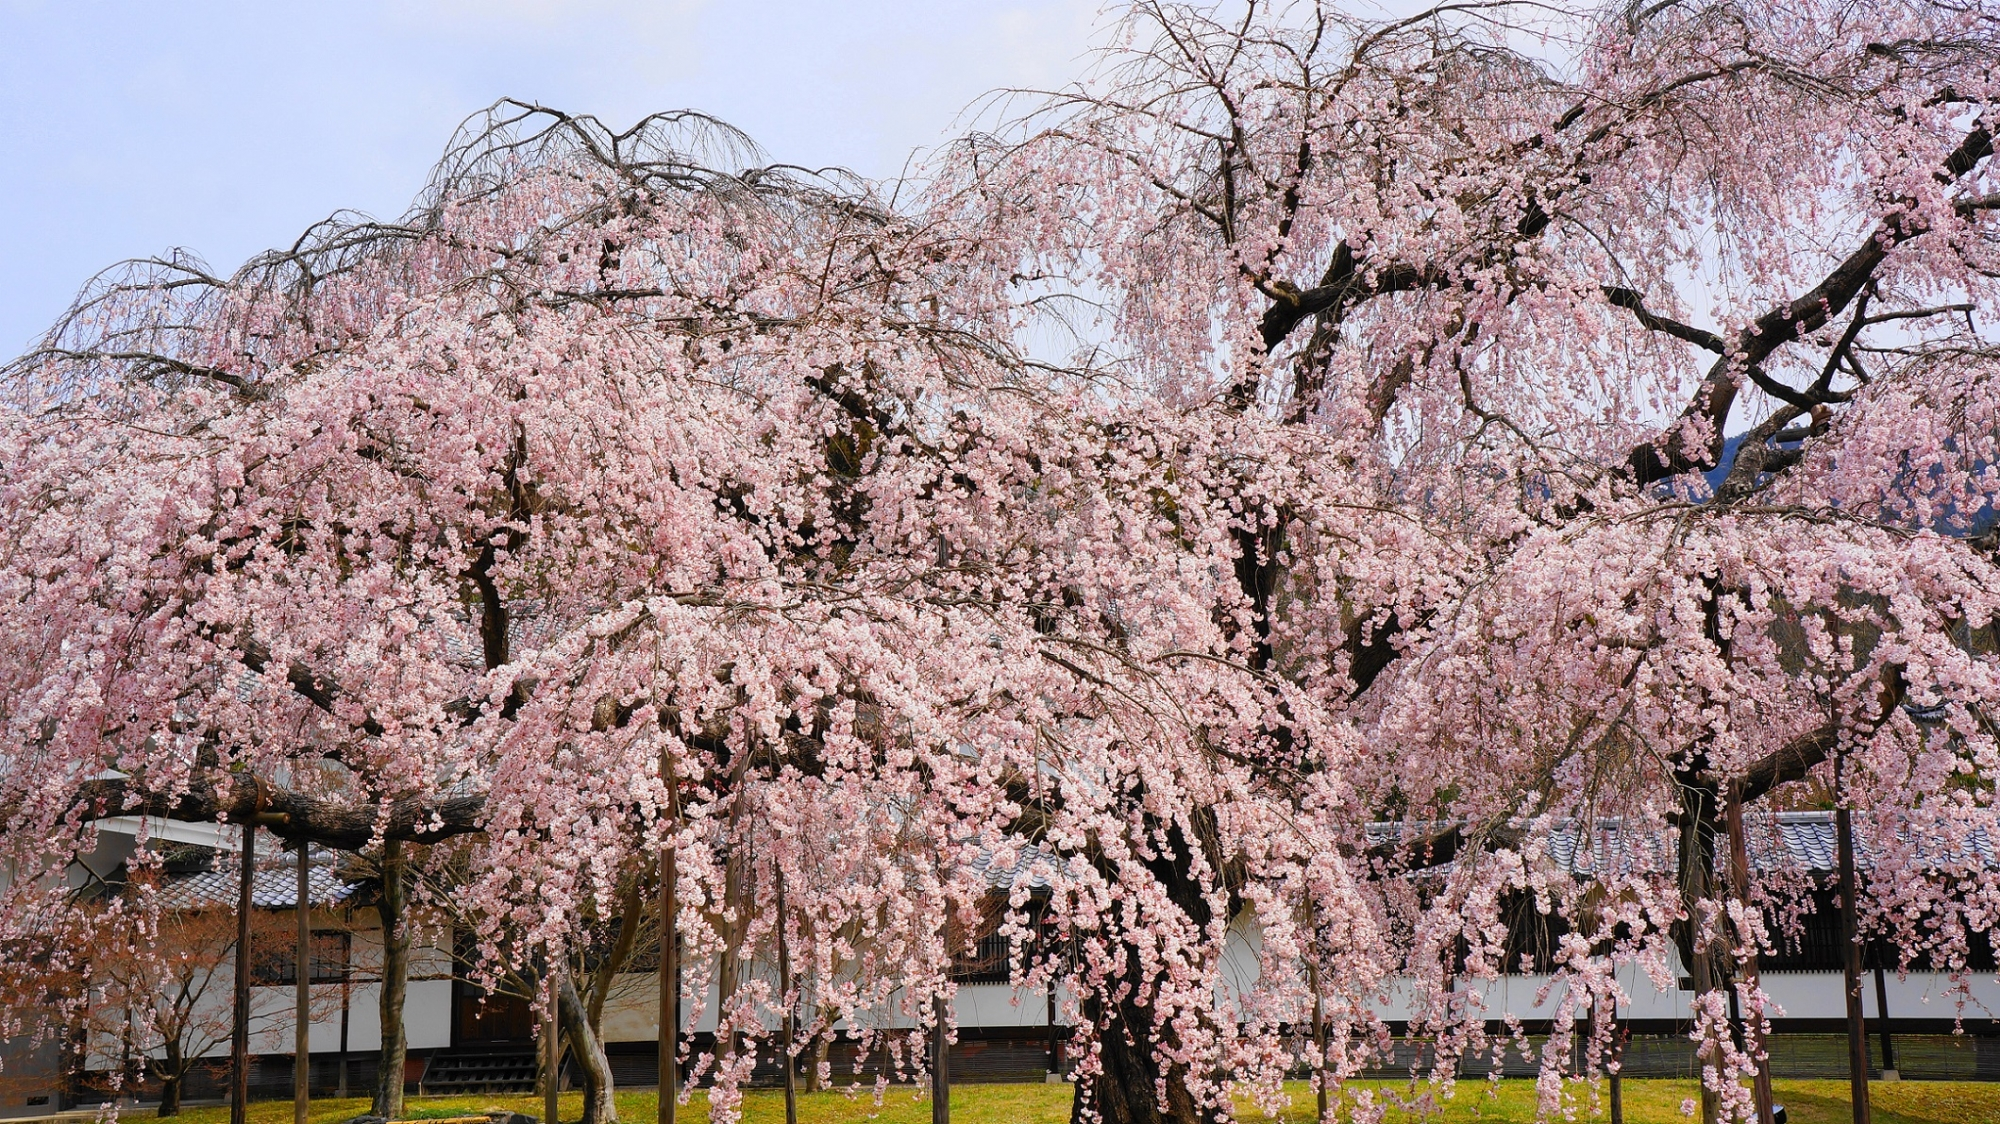 醍醐の花見で有名な醍醐寺の霊宝館の満開のだいごみゆき桜